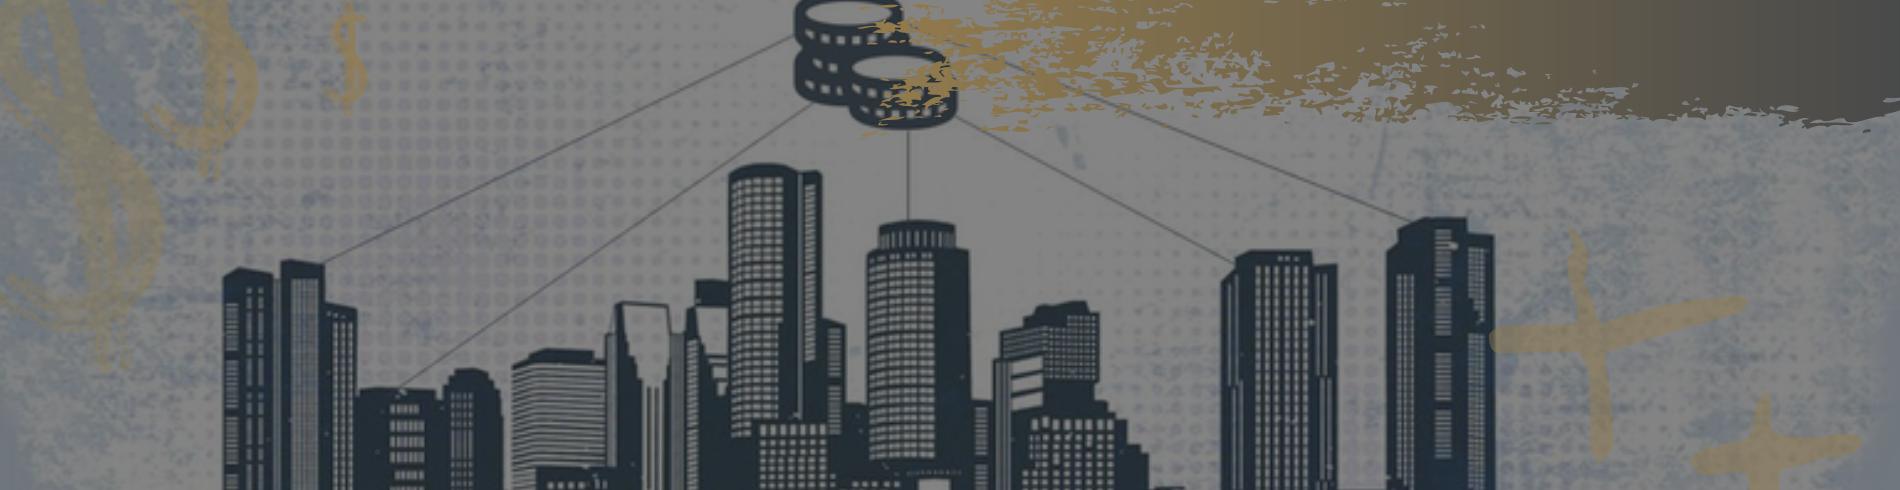 investir dans l'immobilier décentralisé